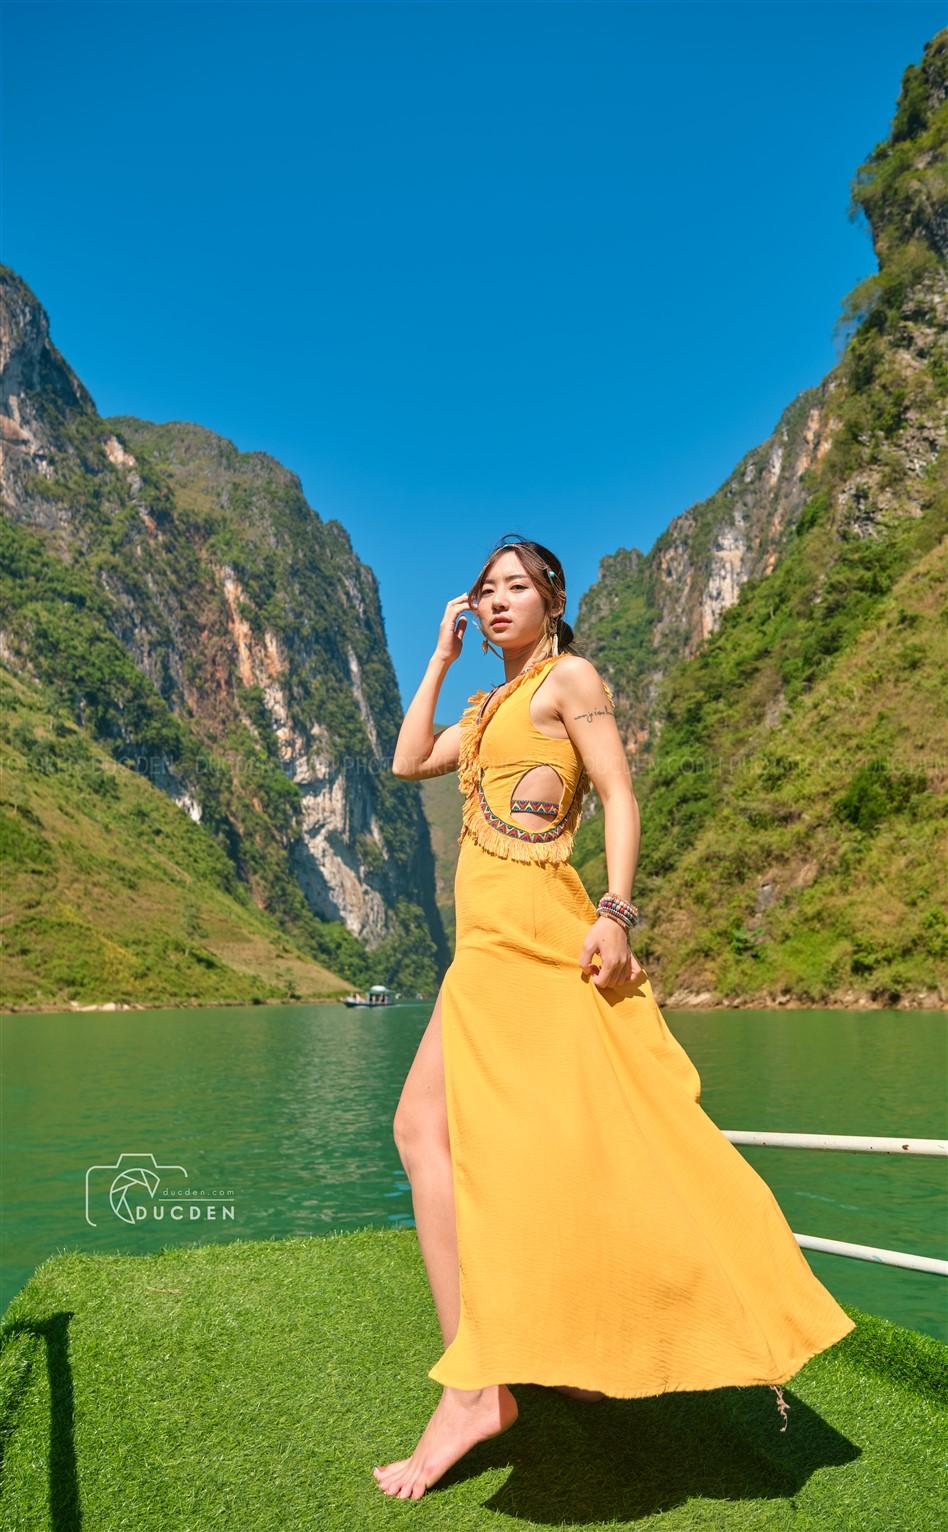 Một trong những trải nhiệm best nhất là đi thuyền trên sông Nho Quế, cảm giác sao á? Không nói đâu tự trải nghiệm đi hihi